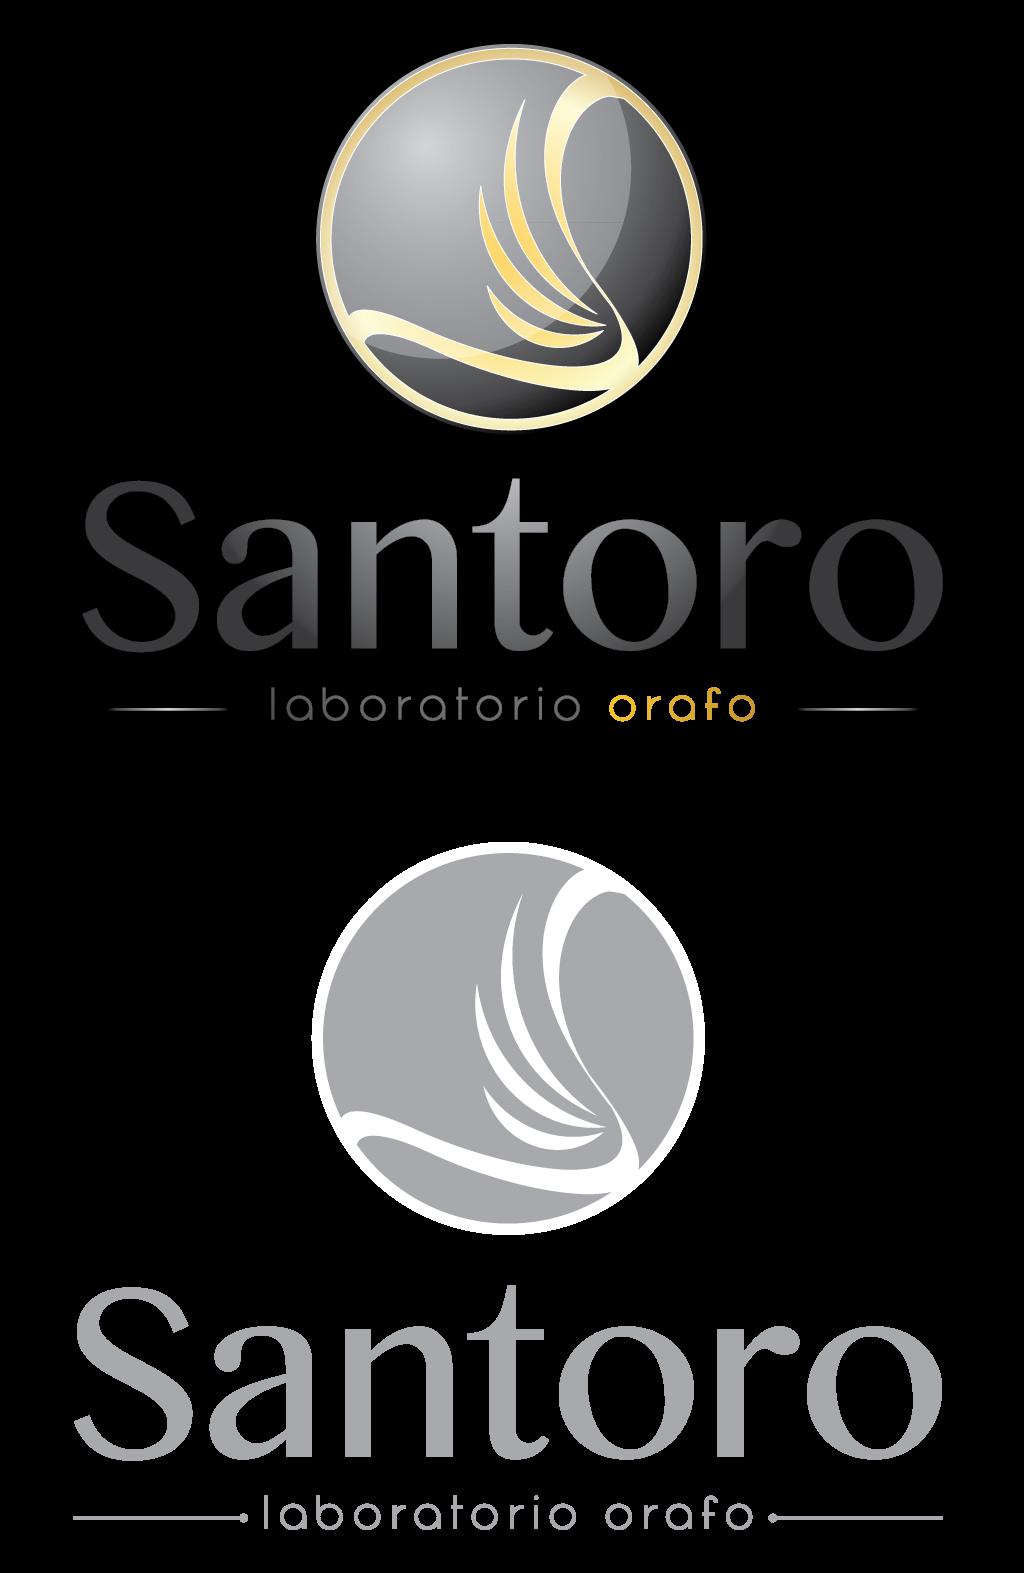 Santoro-Laboratorio-Orafo---Logo